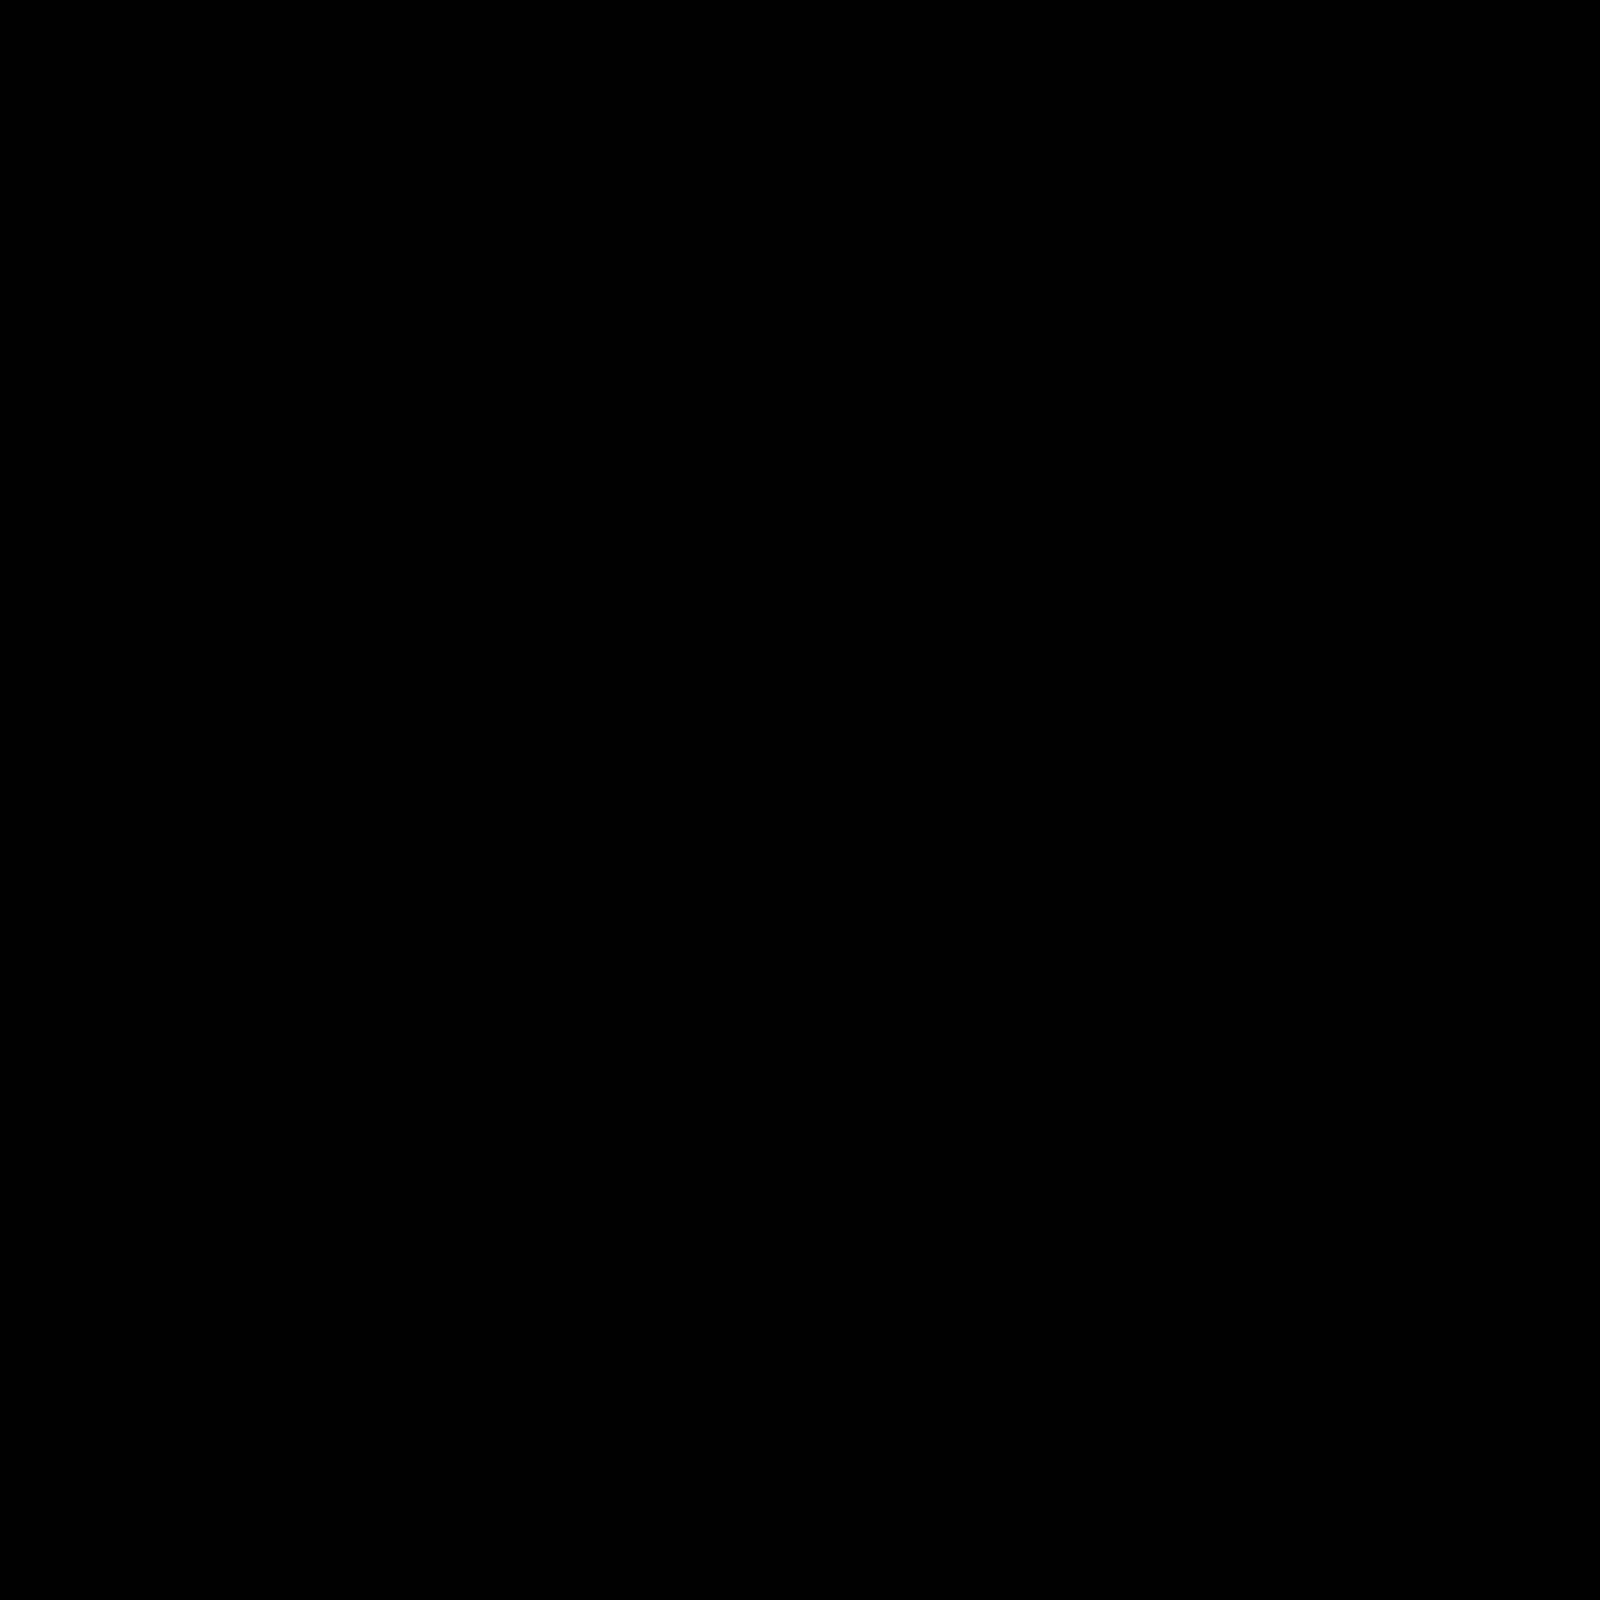 Ustawienia 3 icon